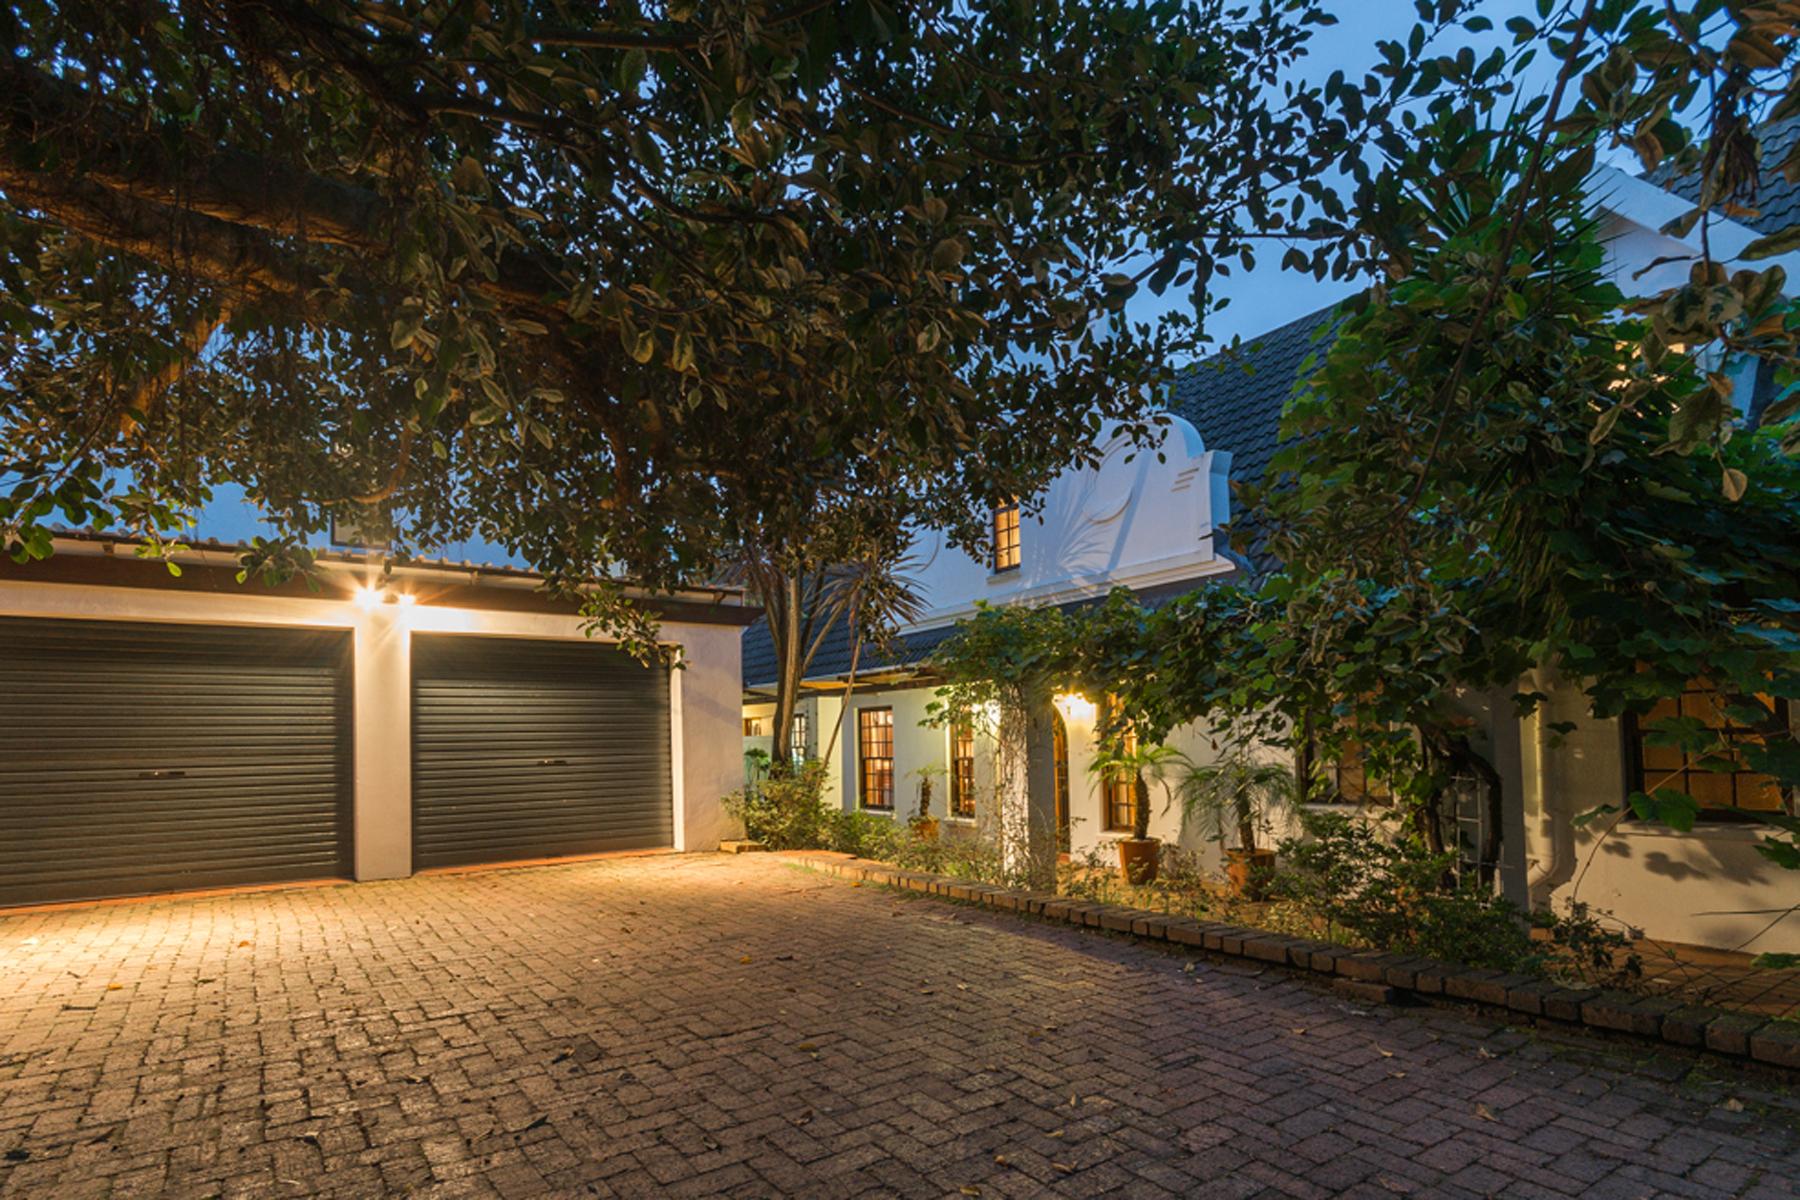 独户住宅 为 销售 在 George 开普敦, 西开普省, 6530 南非